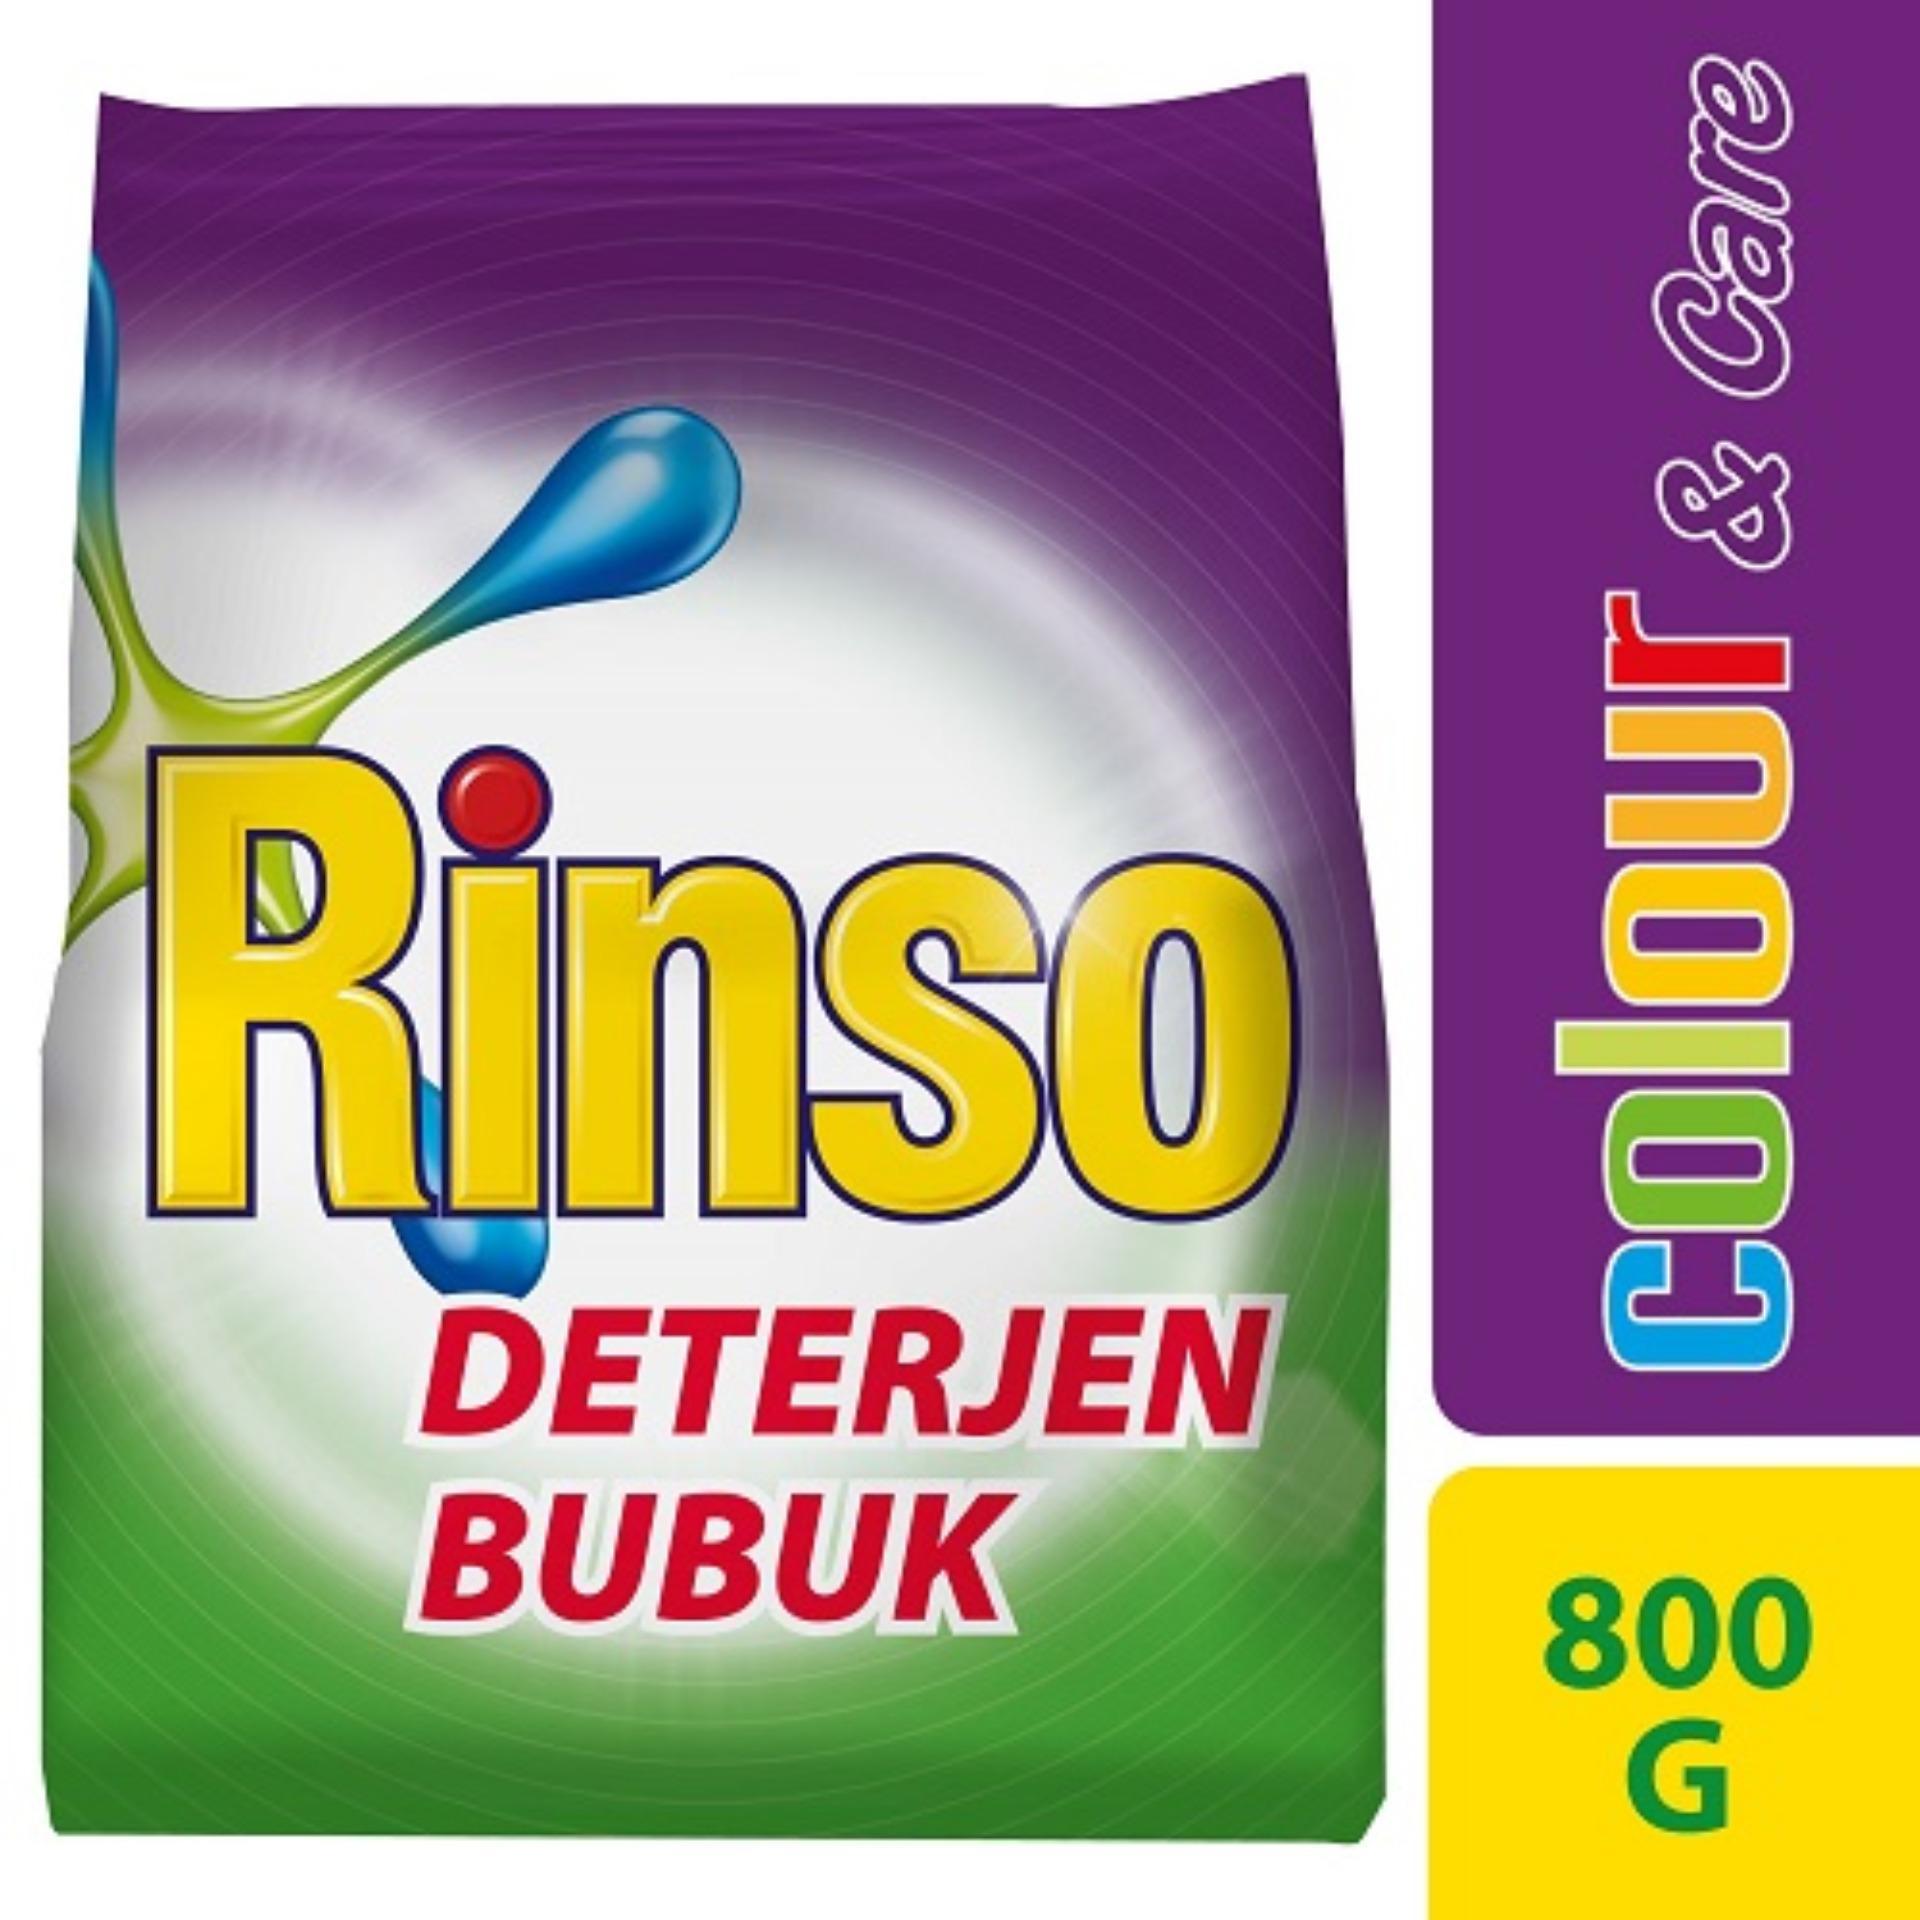 Fitur Bebelove 1 800gr Dan Harga Terbaru Katalog Produk Tahap 200 Gram Rinso Colour Care Detergen